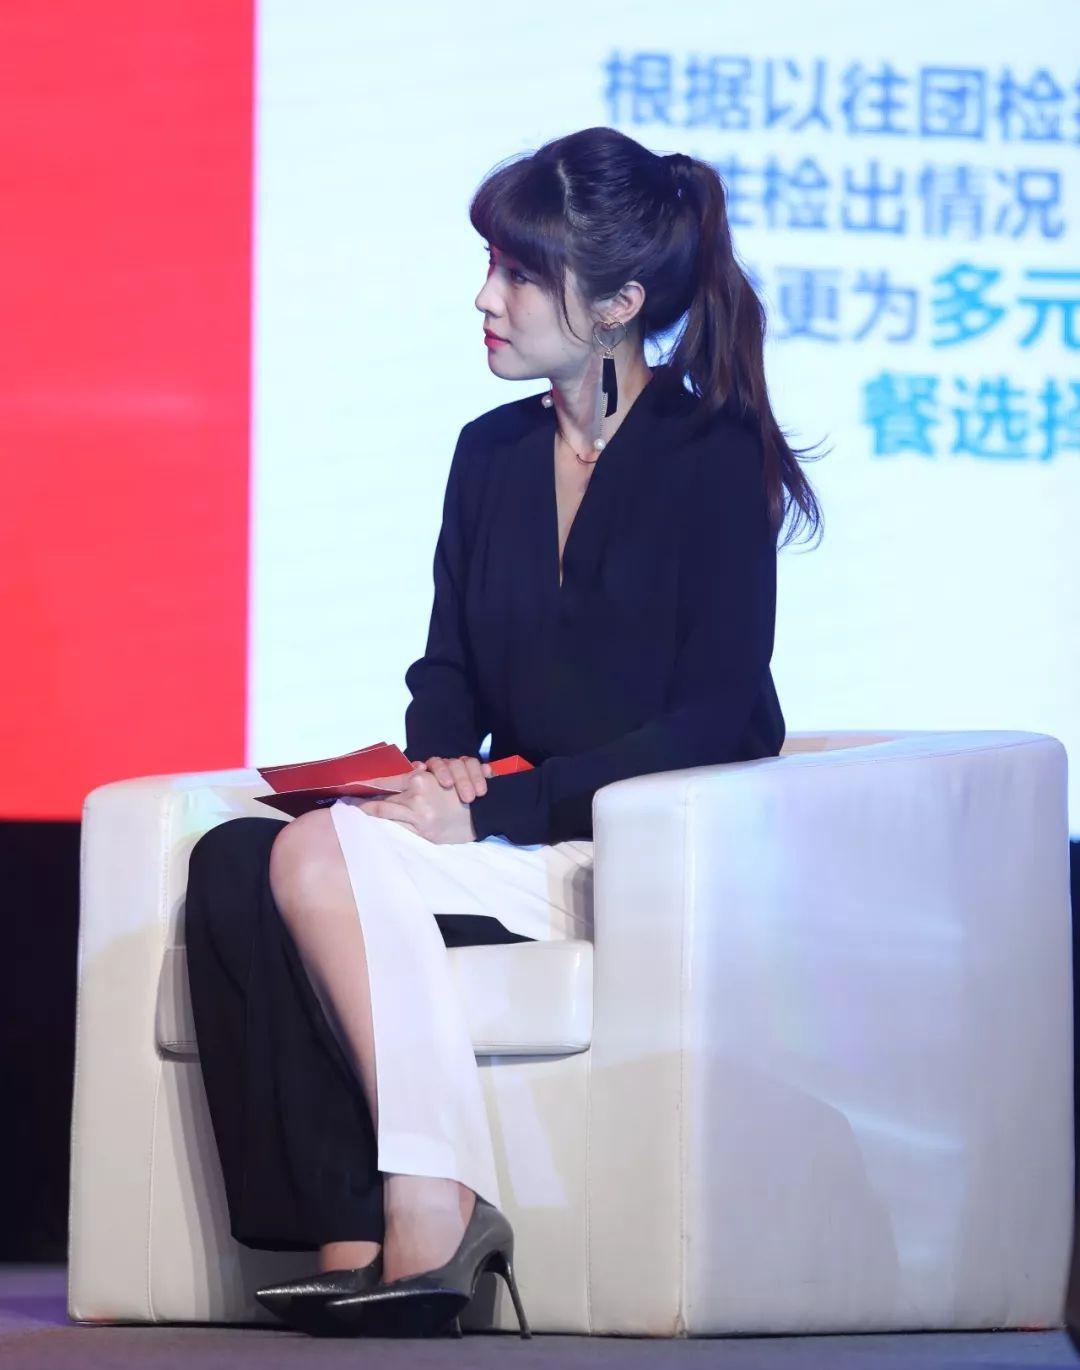 北京卫视《养生堂》,《我是大医生》栏目主持人悦悦主持活动图片